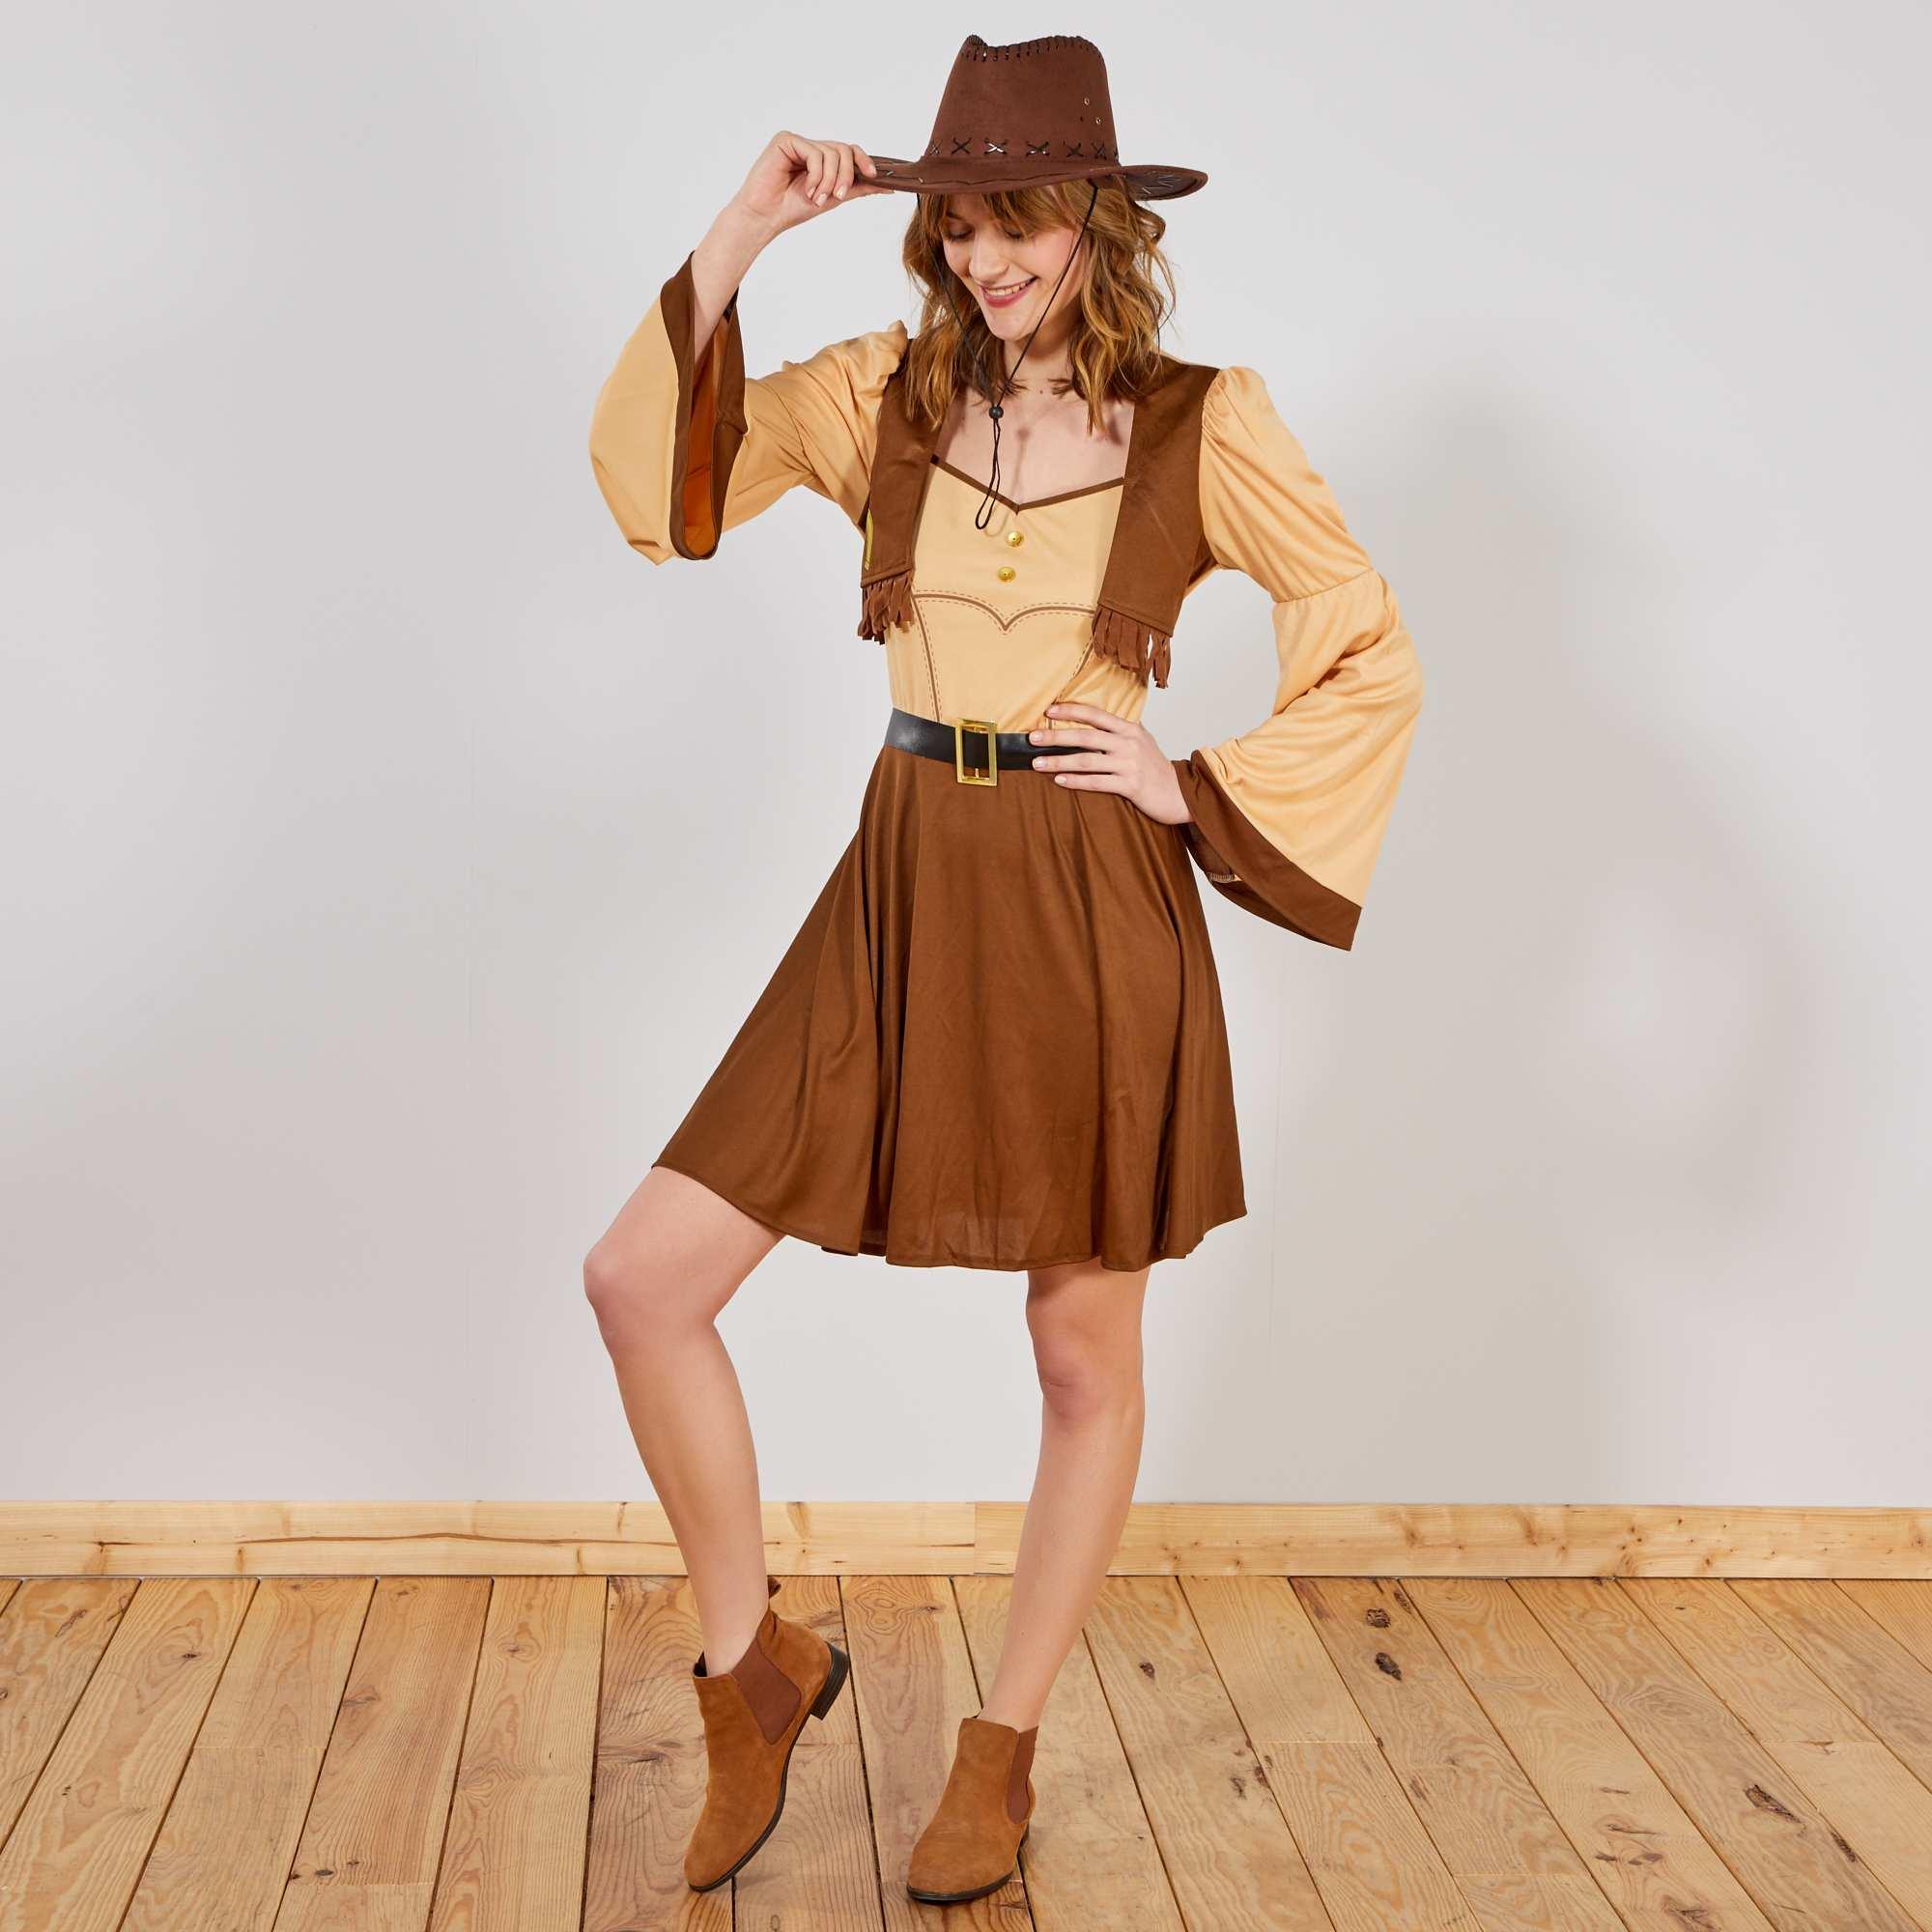 Hacer disfraz de vaquera para mujer